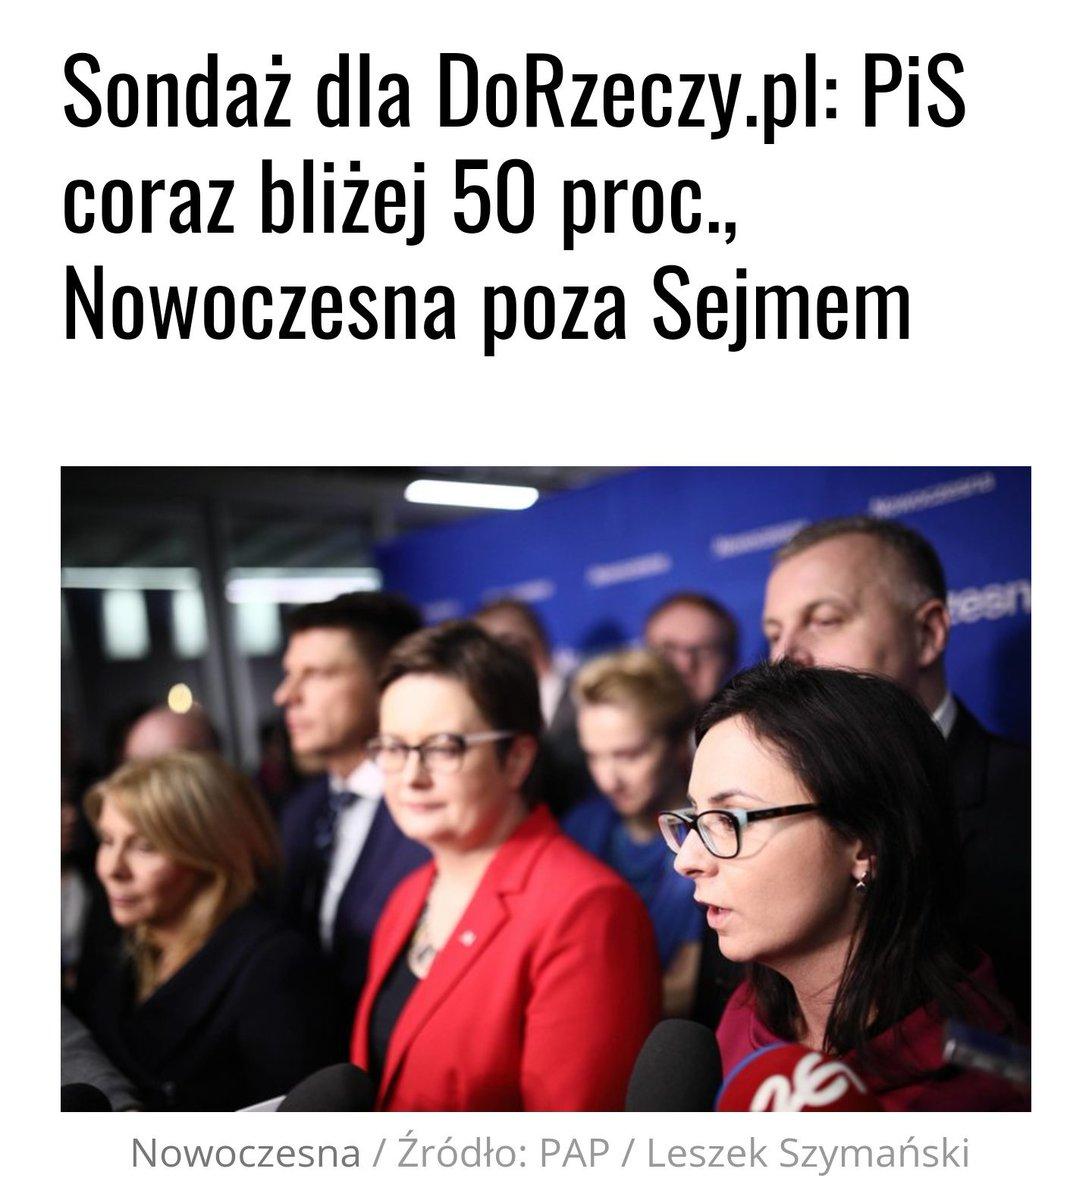 Sejmem